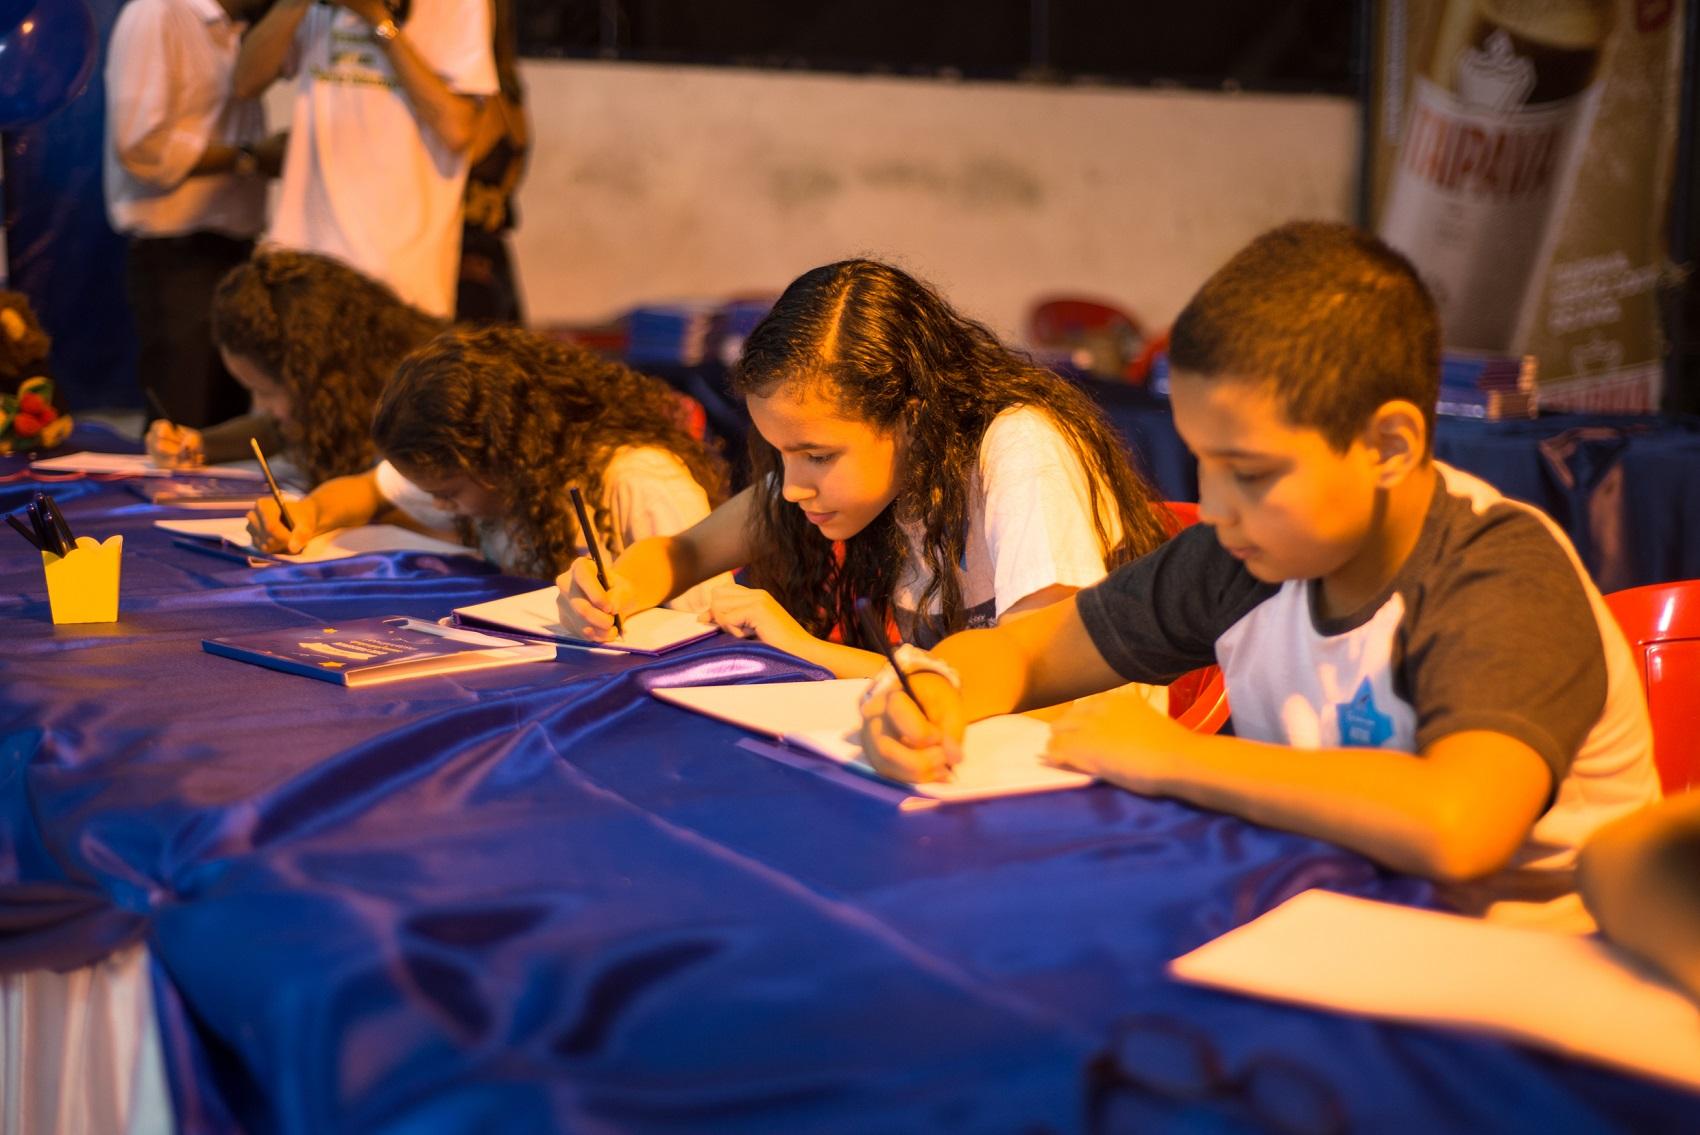 Crianças autografam os livros que produziram (Foto: Divulgação / Estante Mágica)